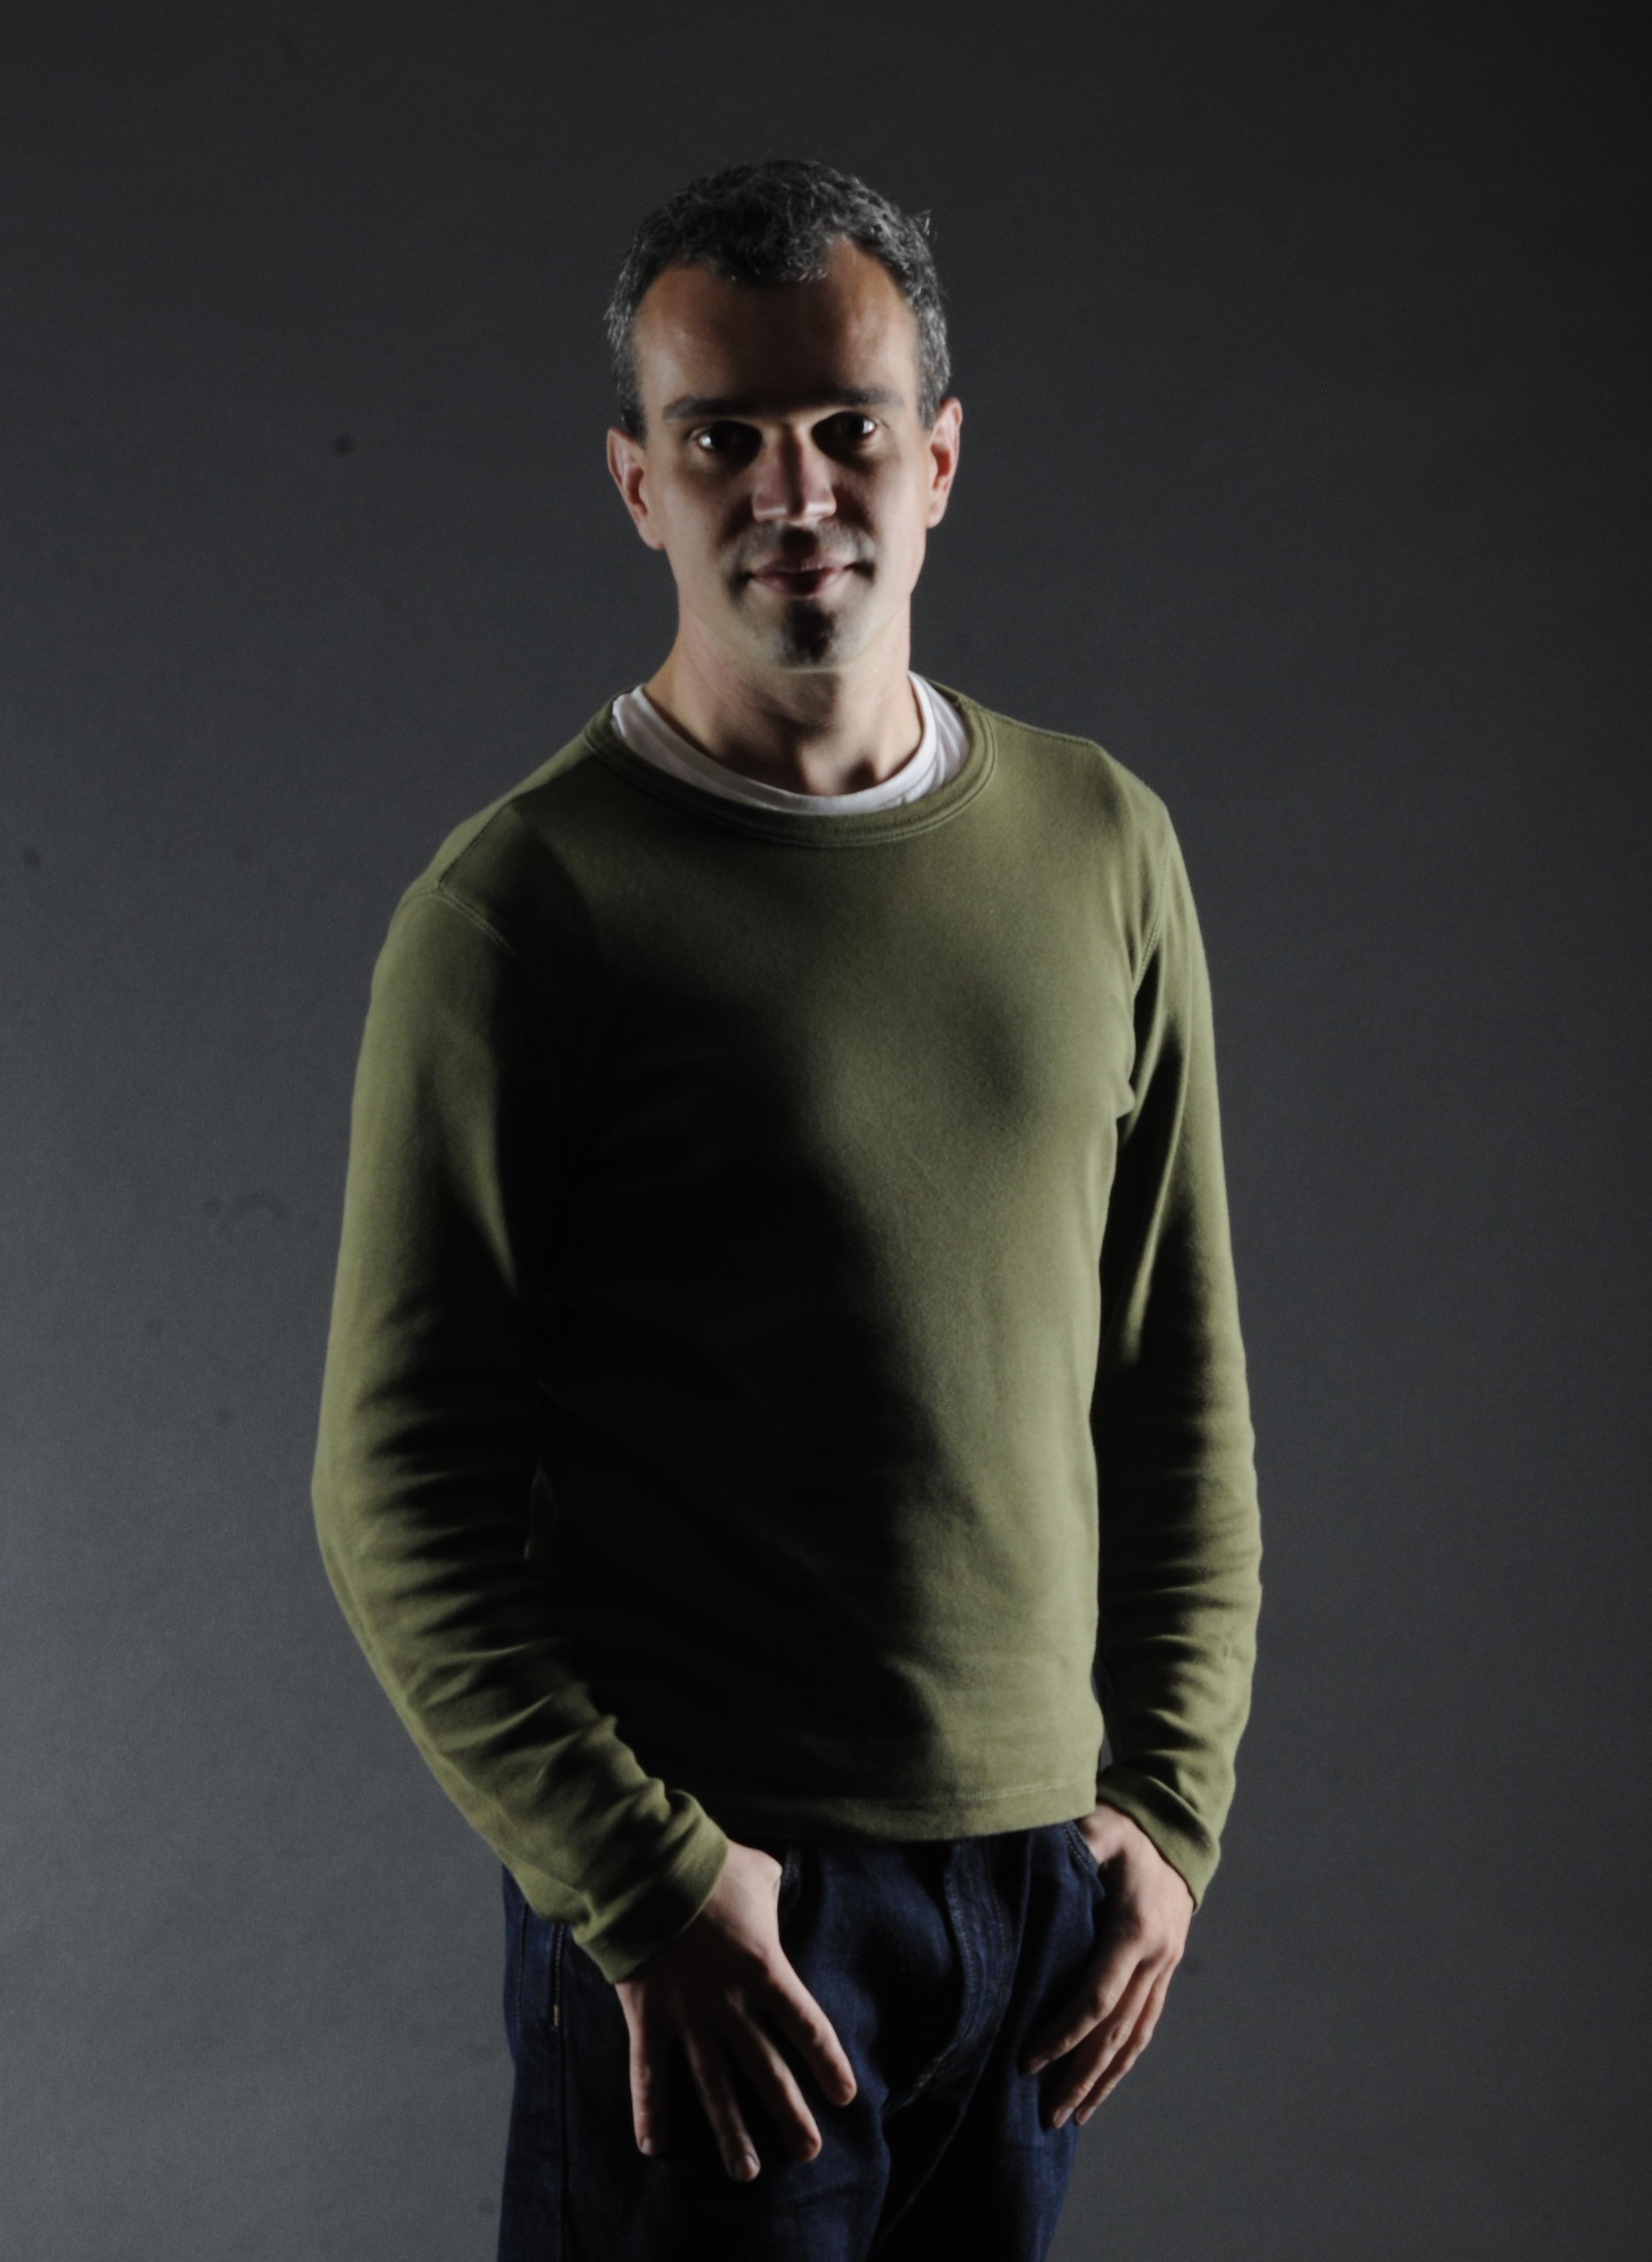 Gambar Manusia Pria Orang Model Hitam Lengan Pakaian Luar